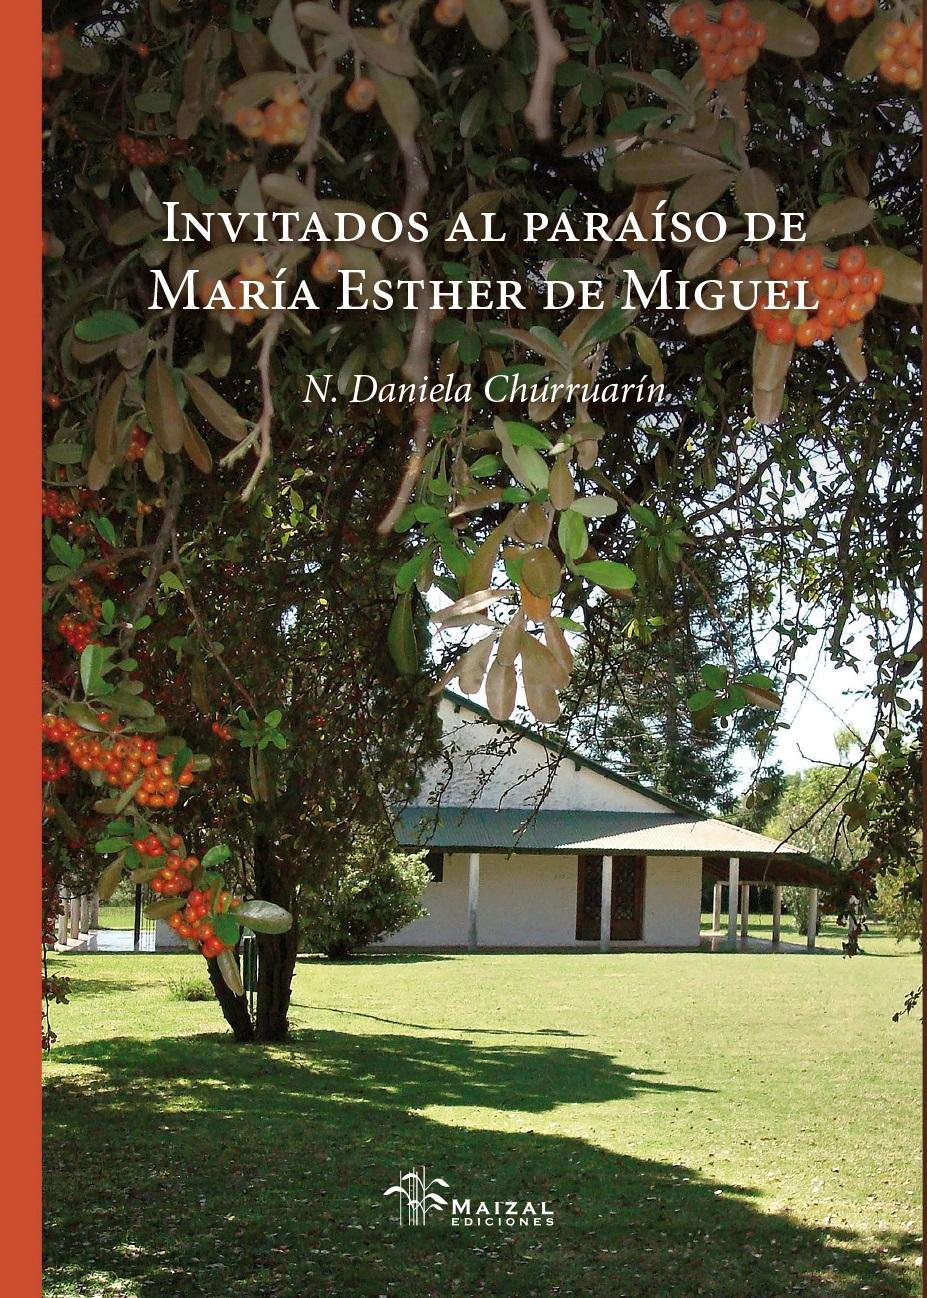 TAPA Invitados al paraíso de Maria Esther de Miguel